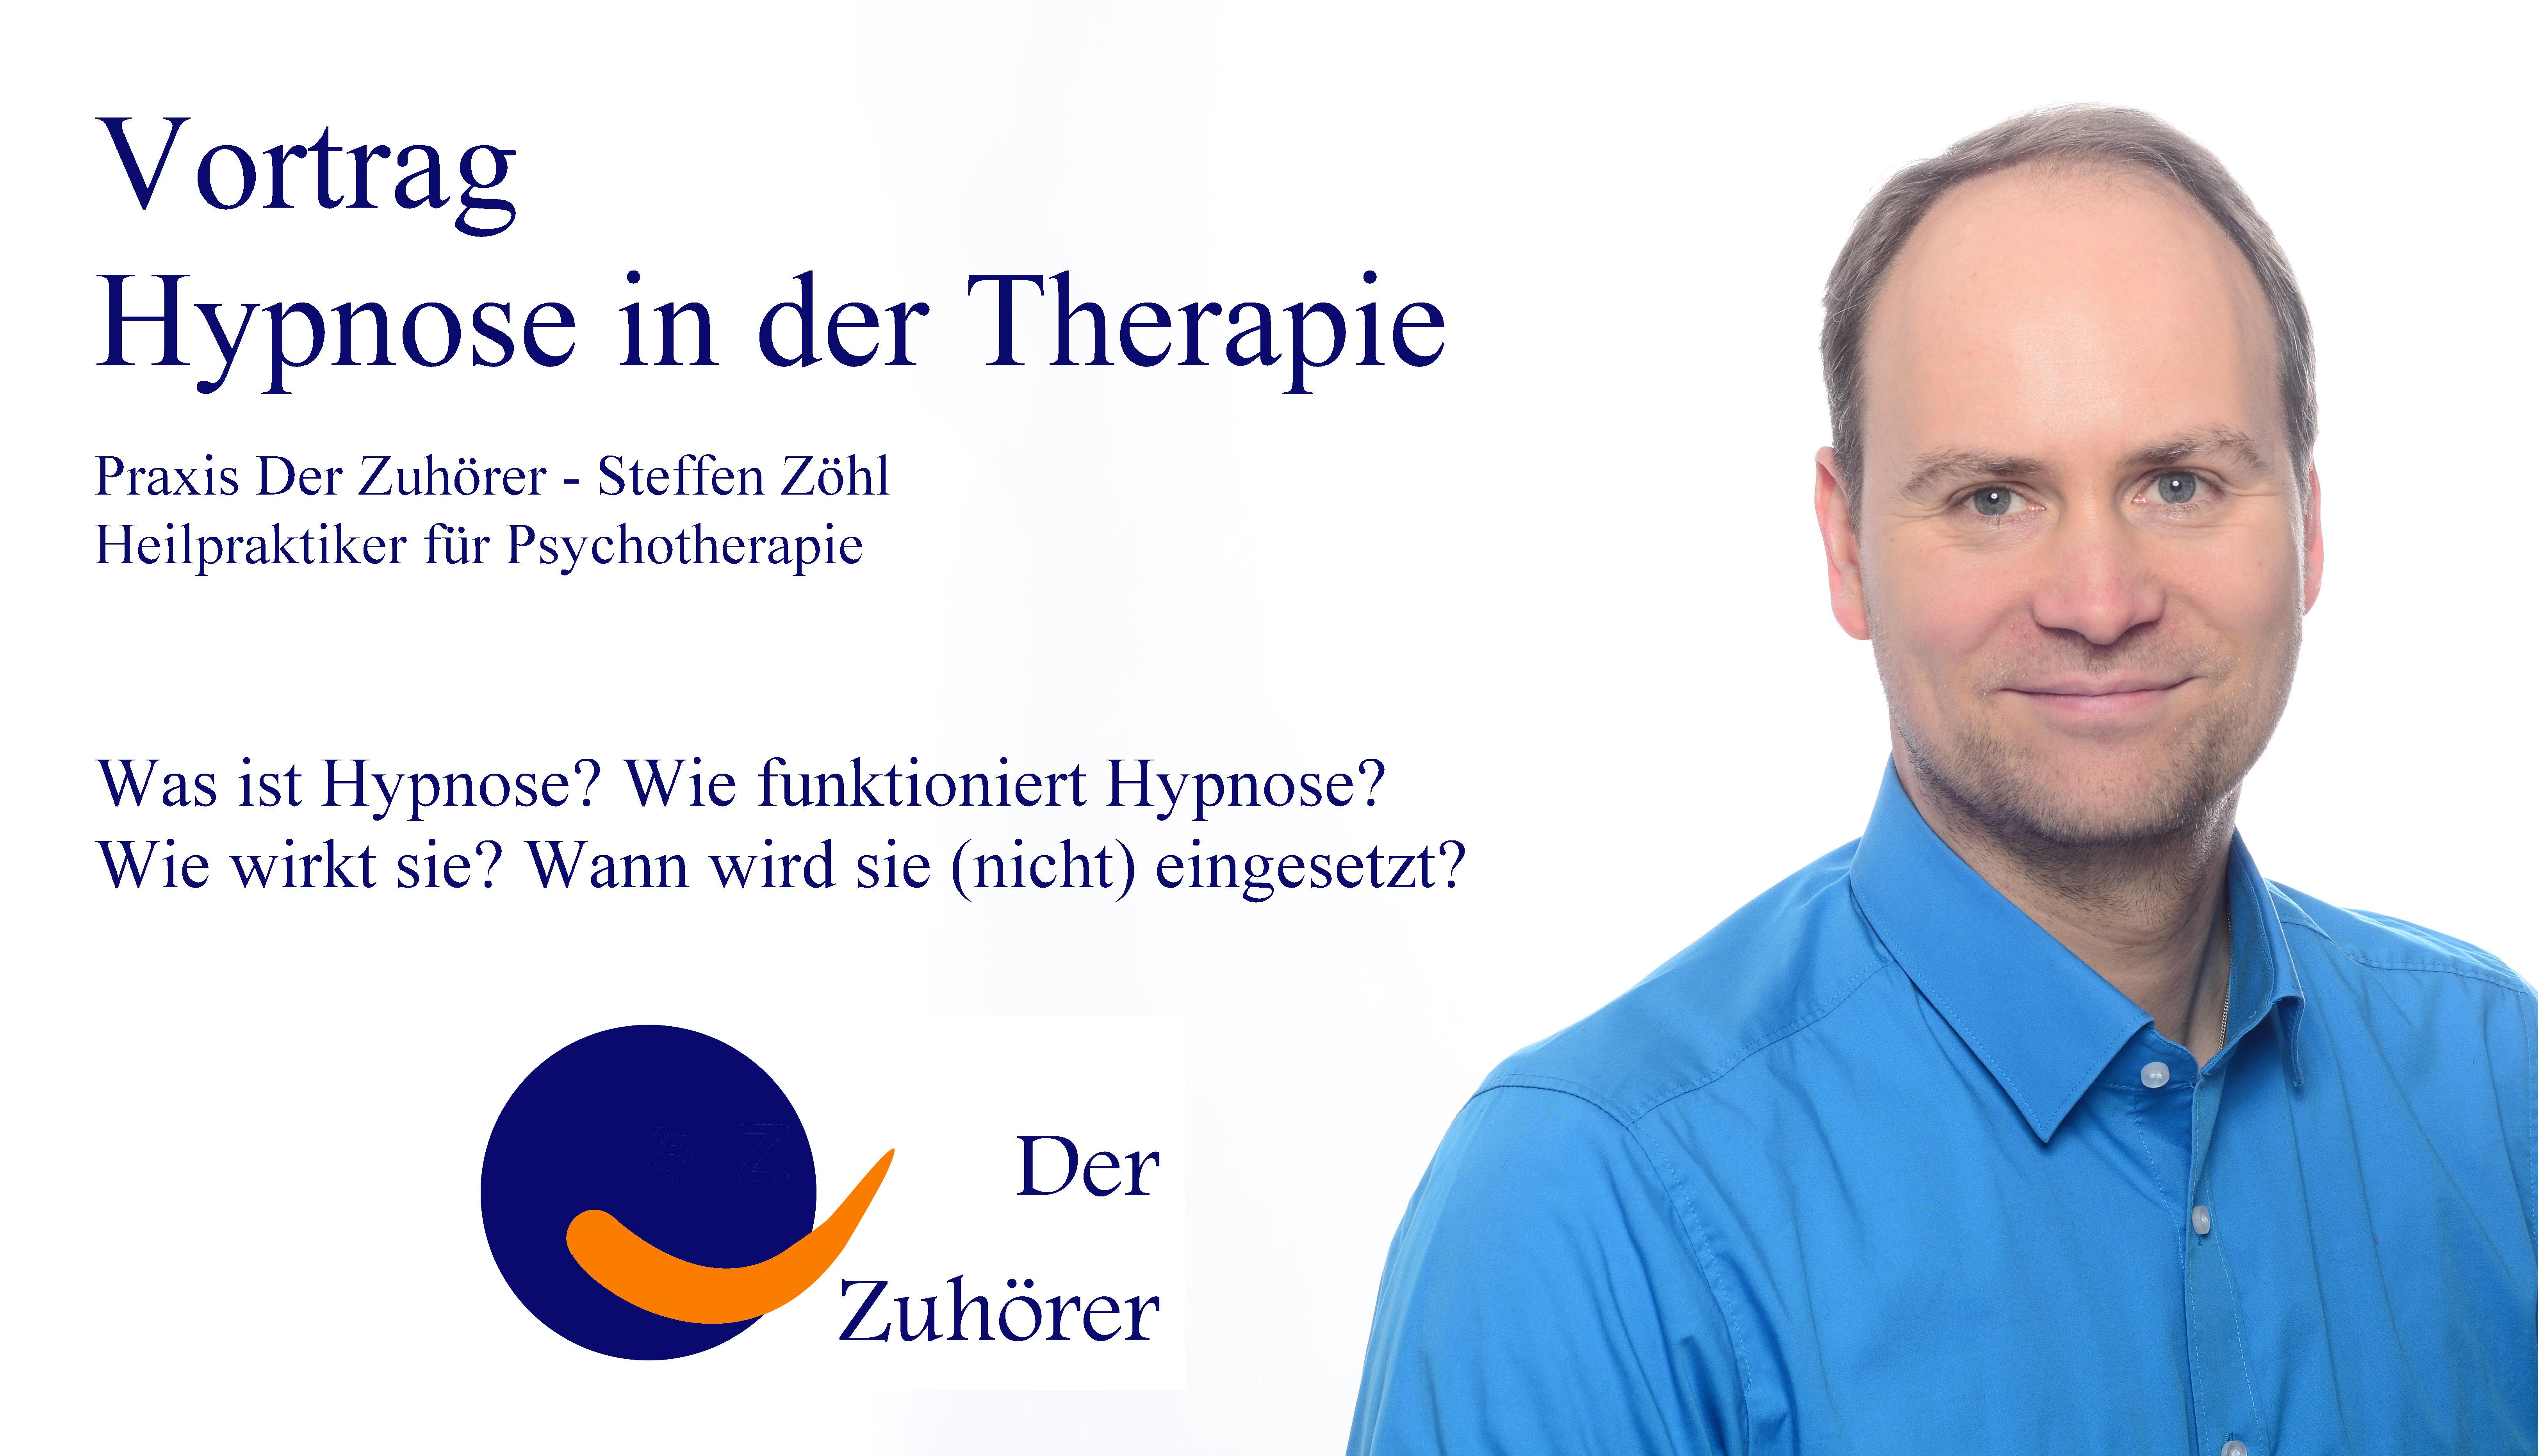 Hypnose Angst Berlin Charlottenburg © Praxis Der Zuhörer - Steffen Zöhl, 2017